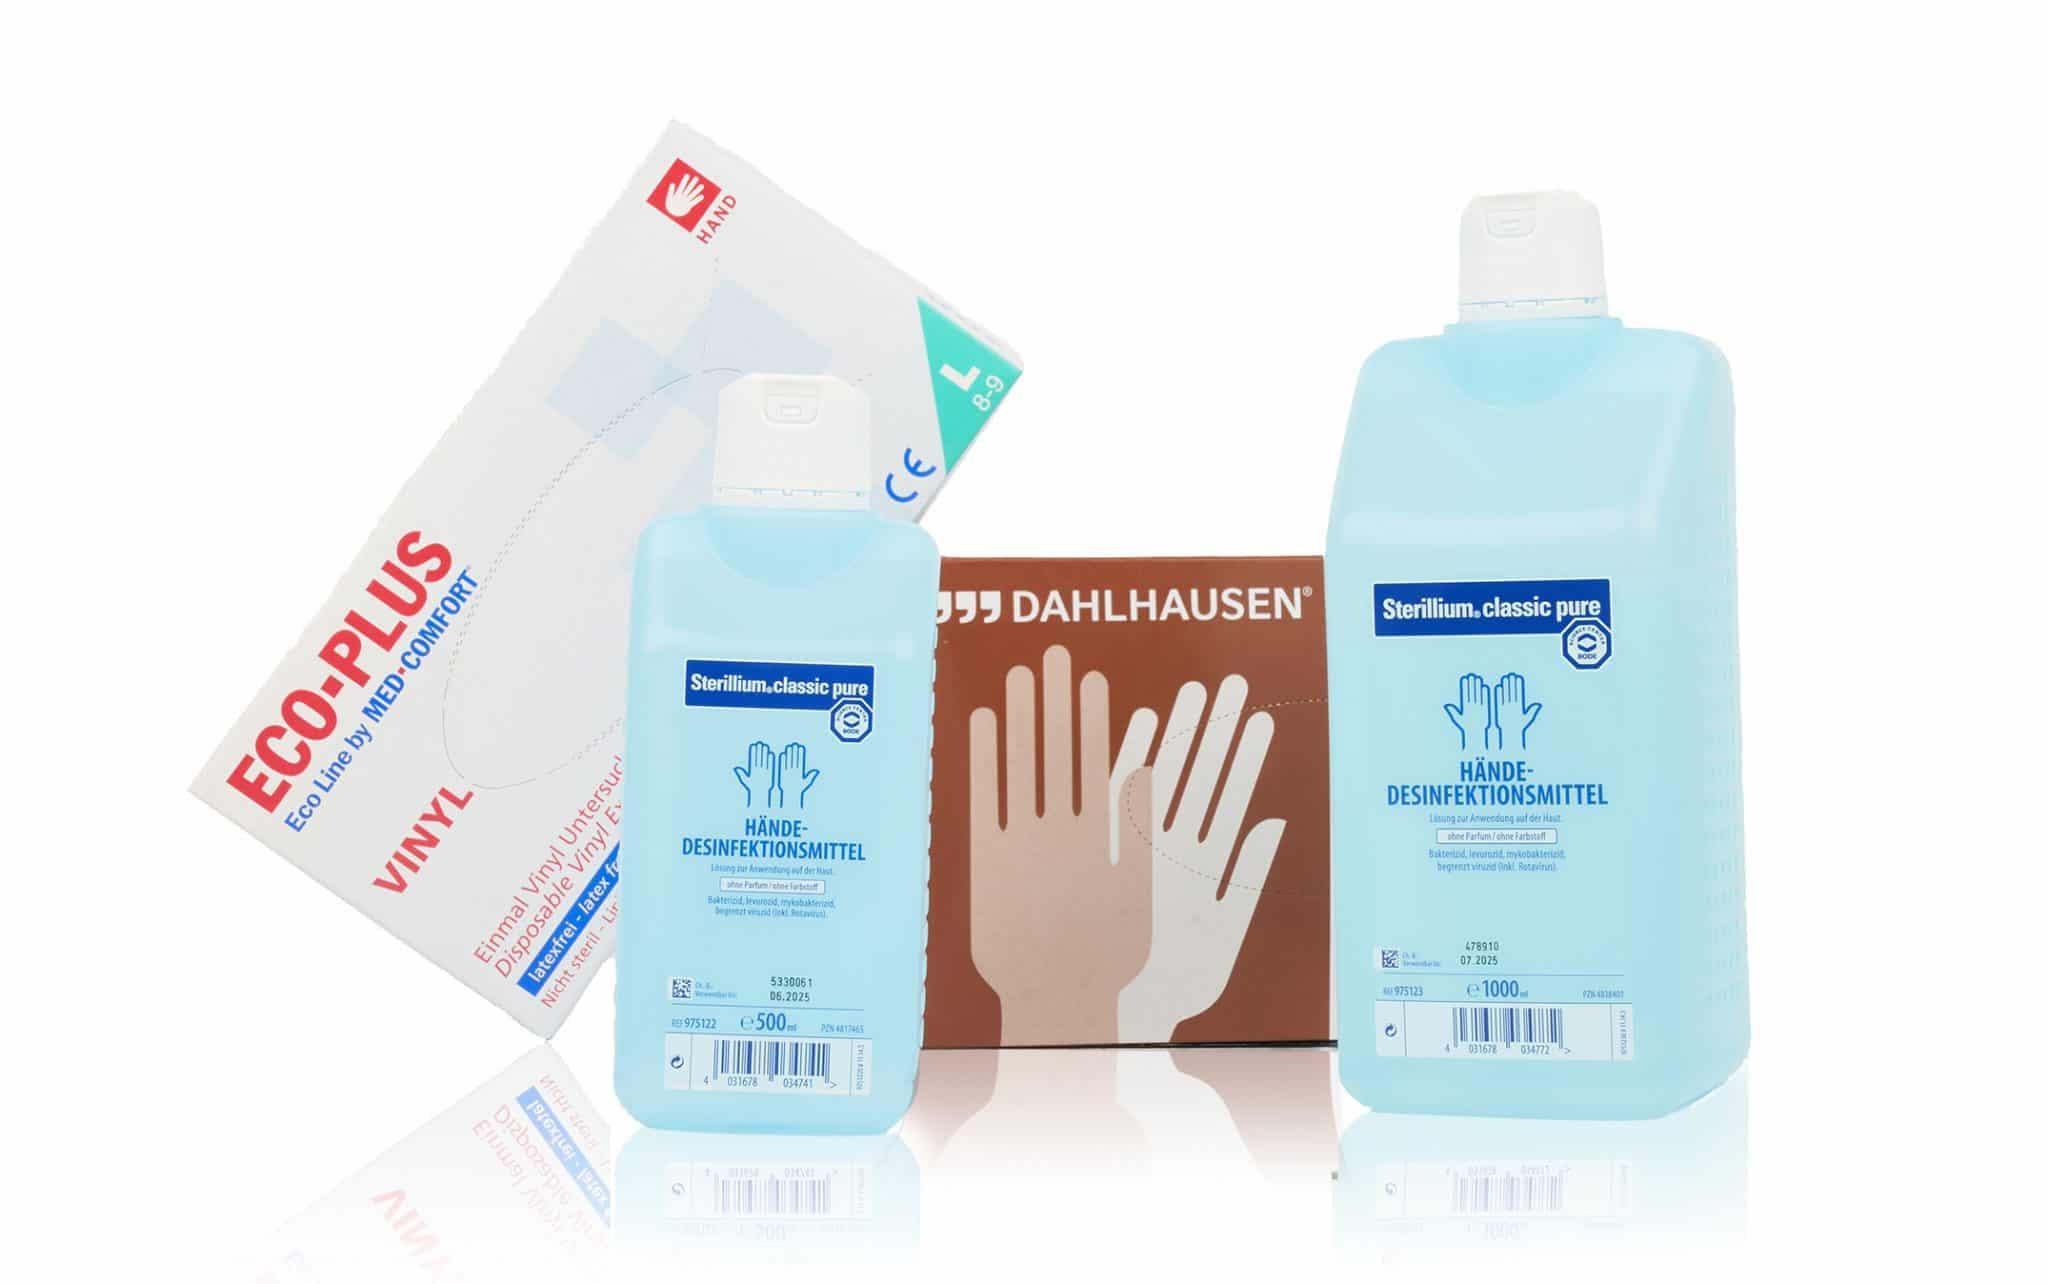 Hygiene Artikel - Einweghandschuhe Dahlhausen, ECO-PLUS VINYL, Sterillium Händedesinfektionsmittel verschiedene Größen